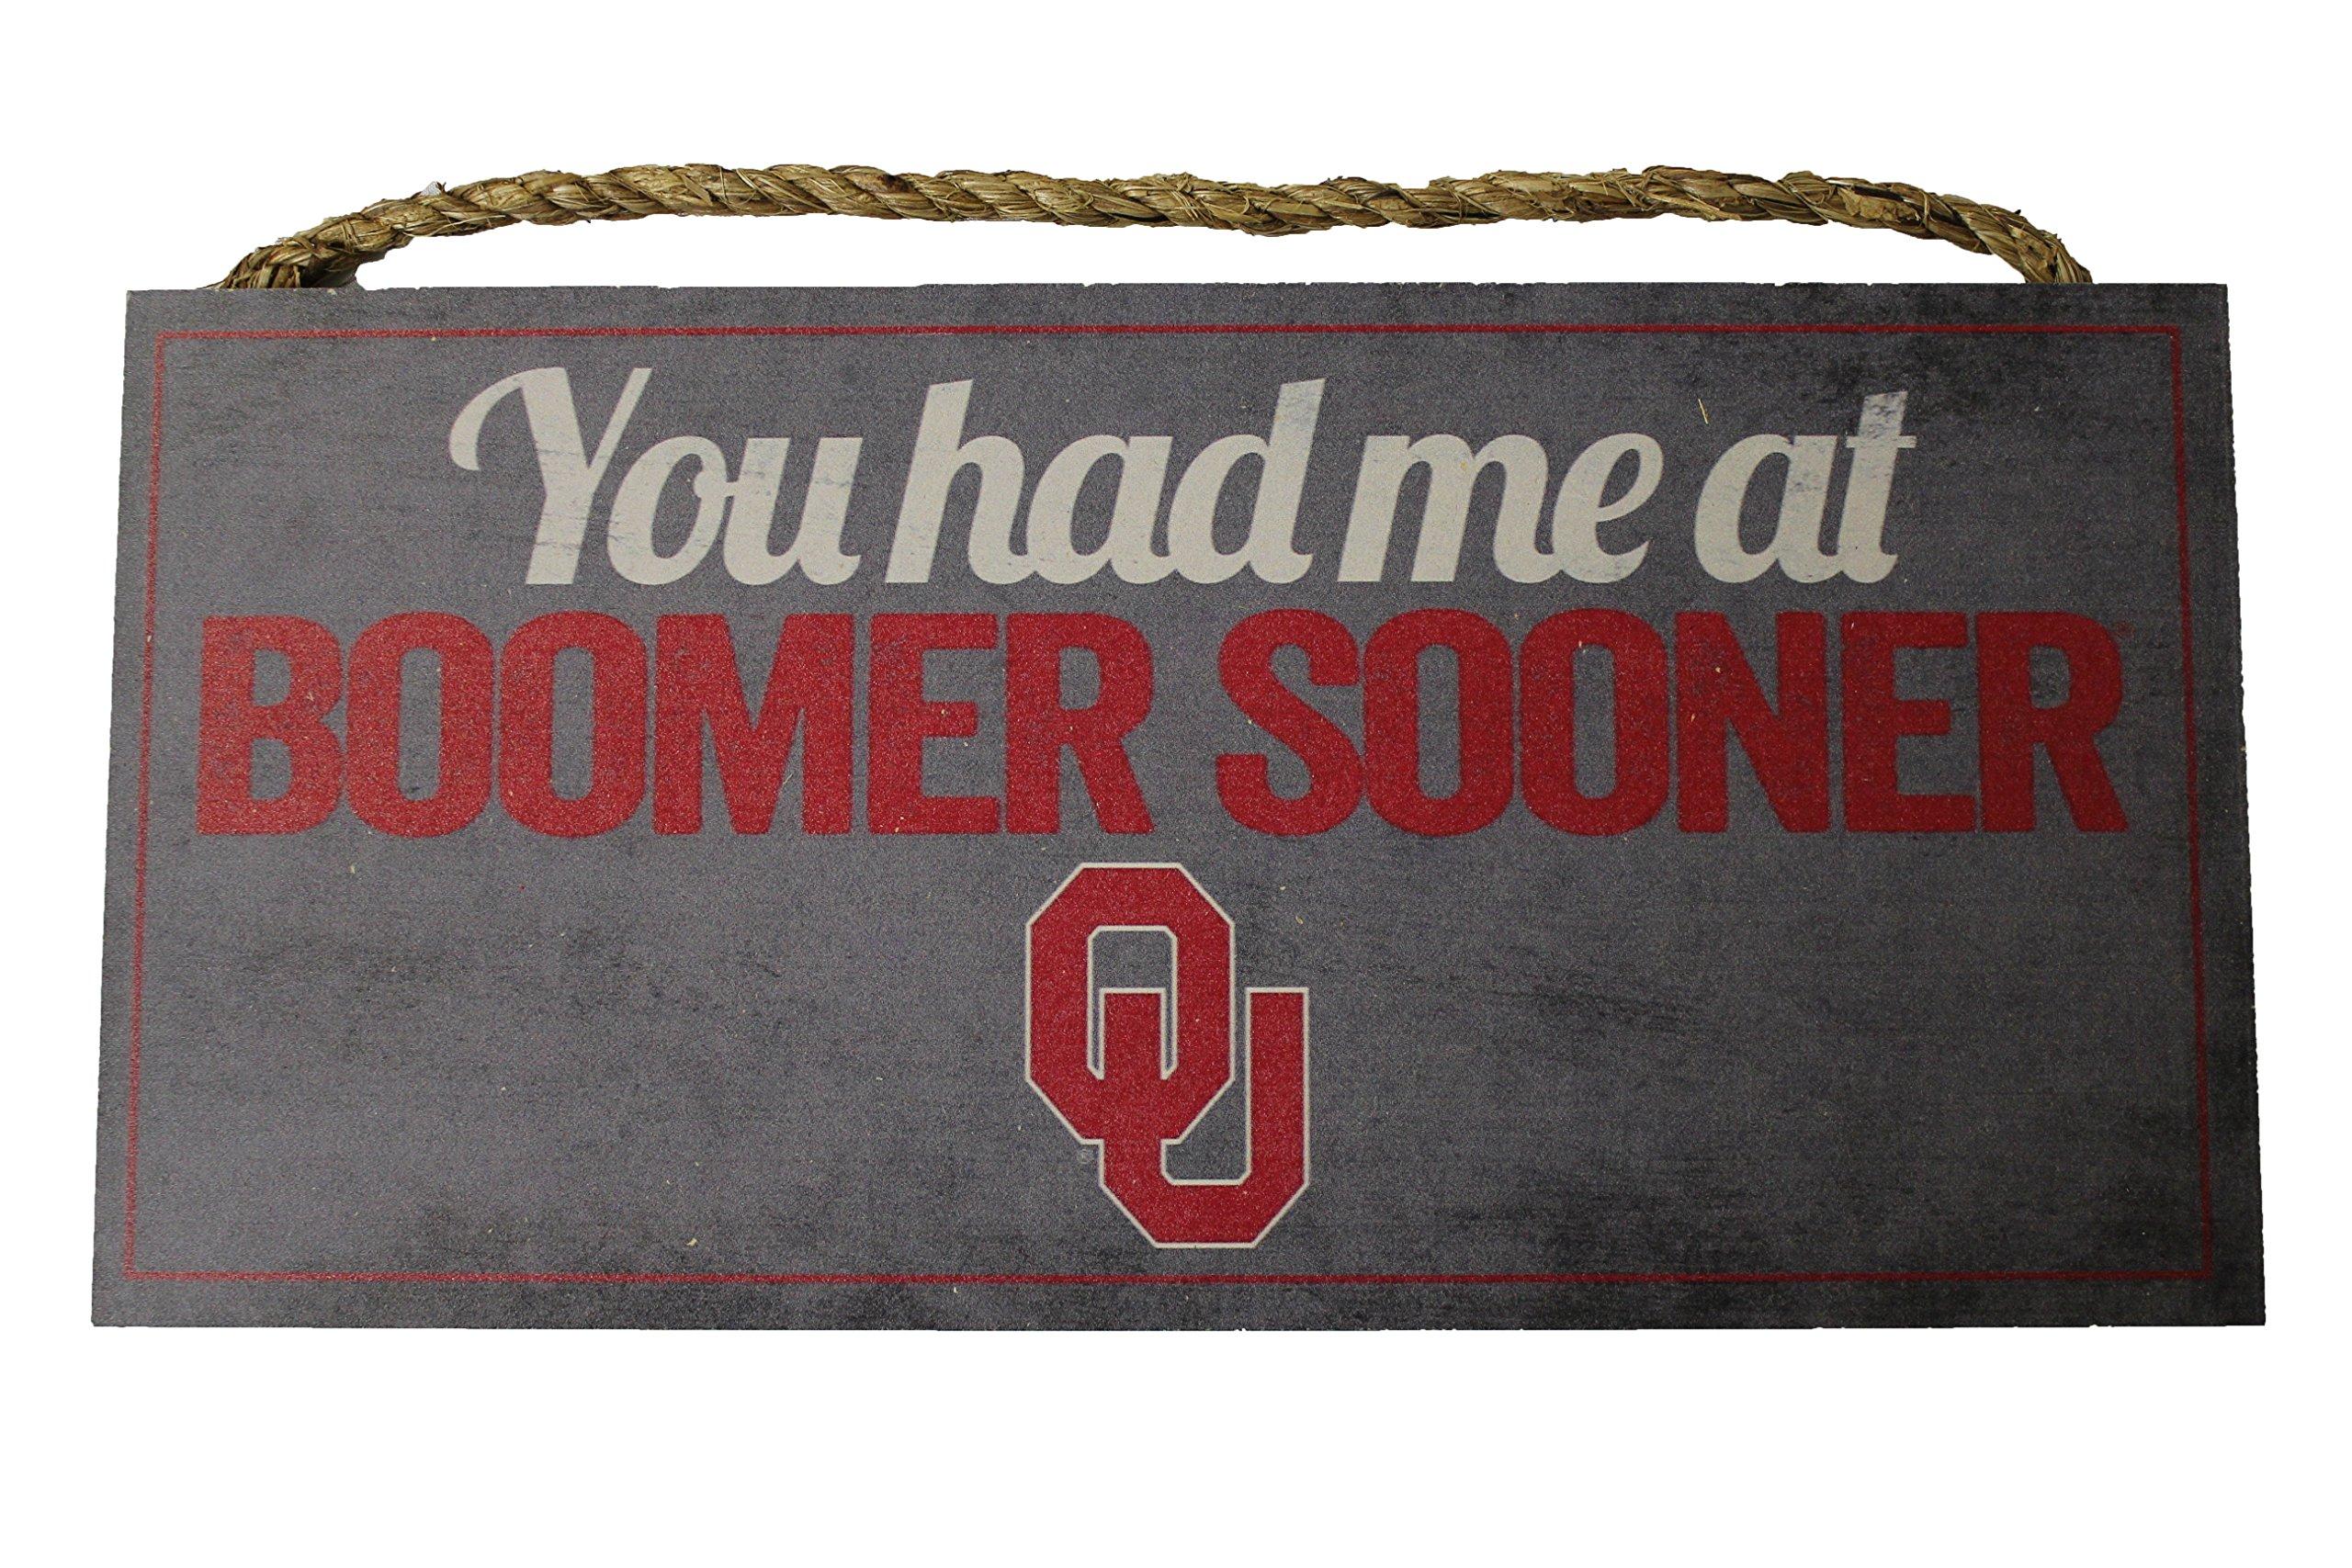 NCAA Oklahoma Sooners 12'' x 6'' You Had Me At Boomer Sooner! Wood Sign